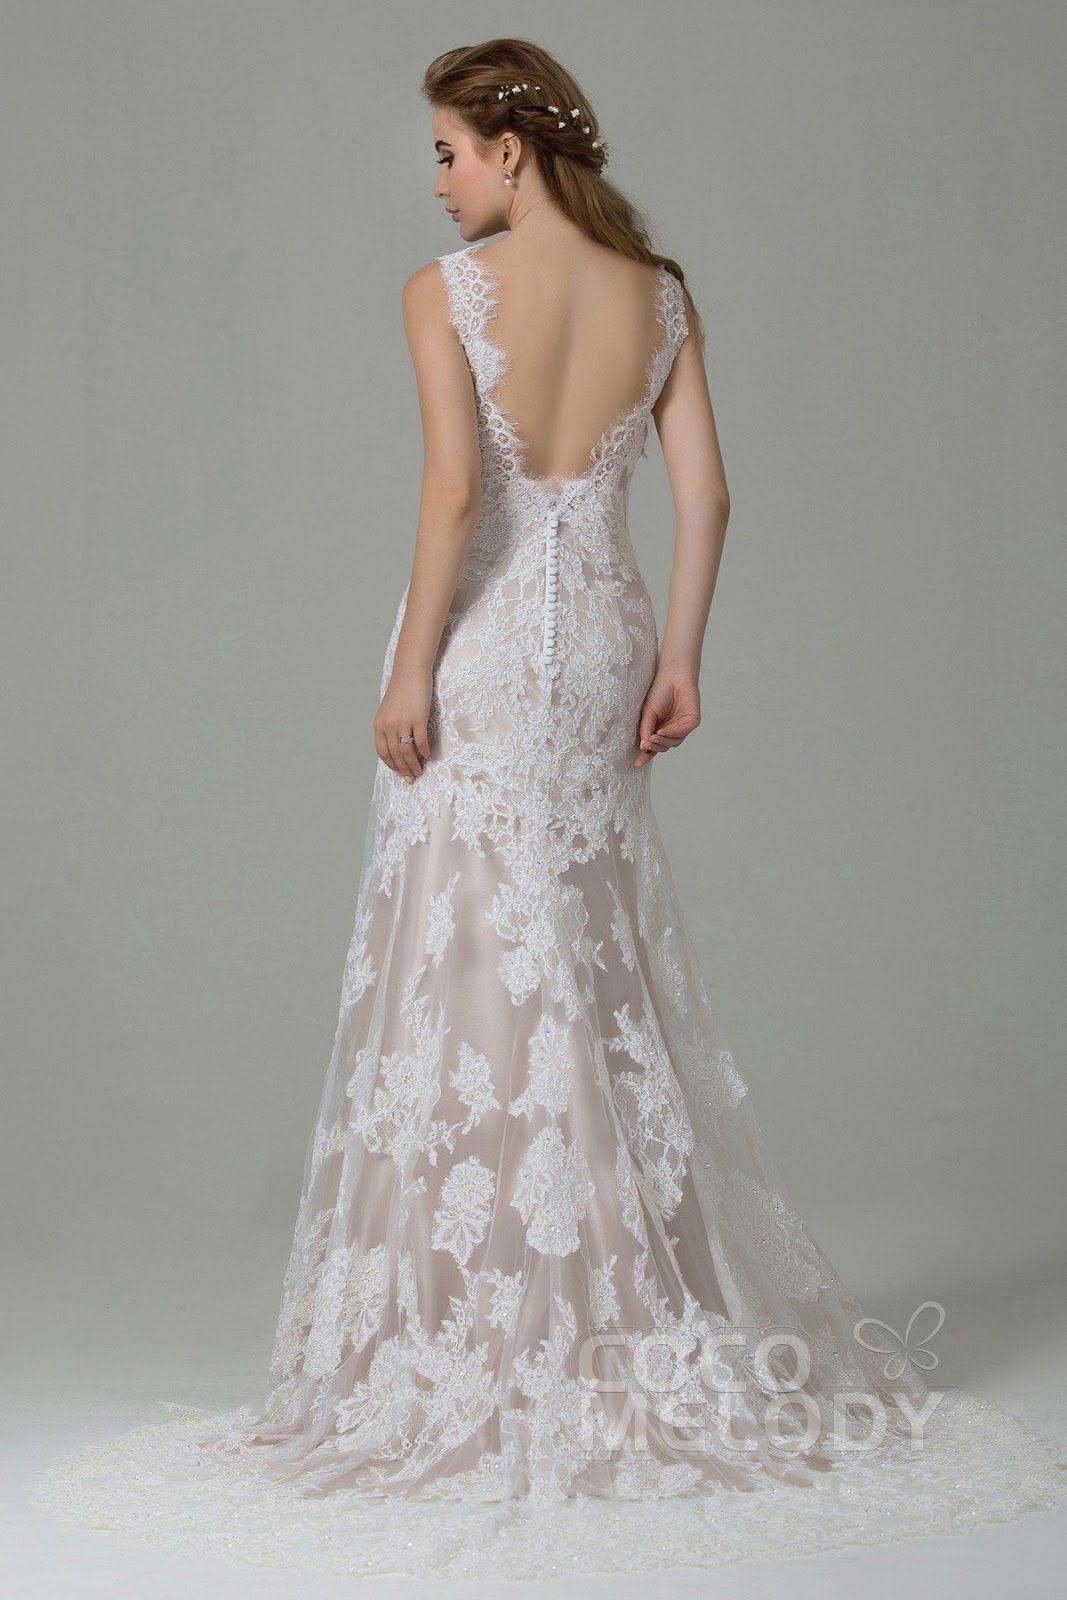 MARIDIX'S BLOG: Wedding dresses COCOMELODY